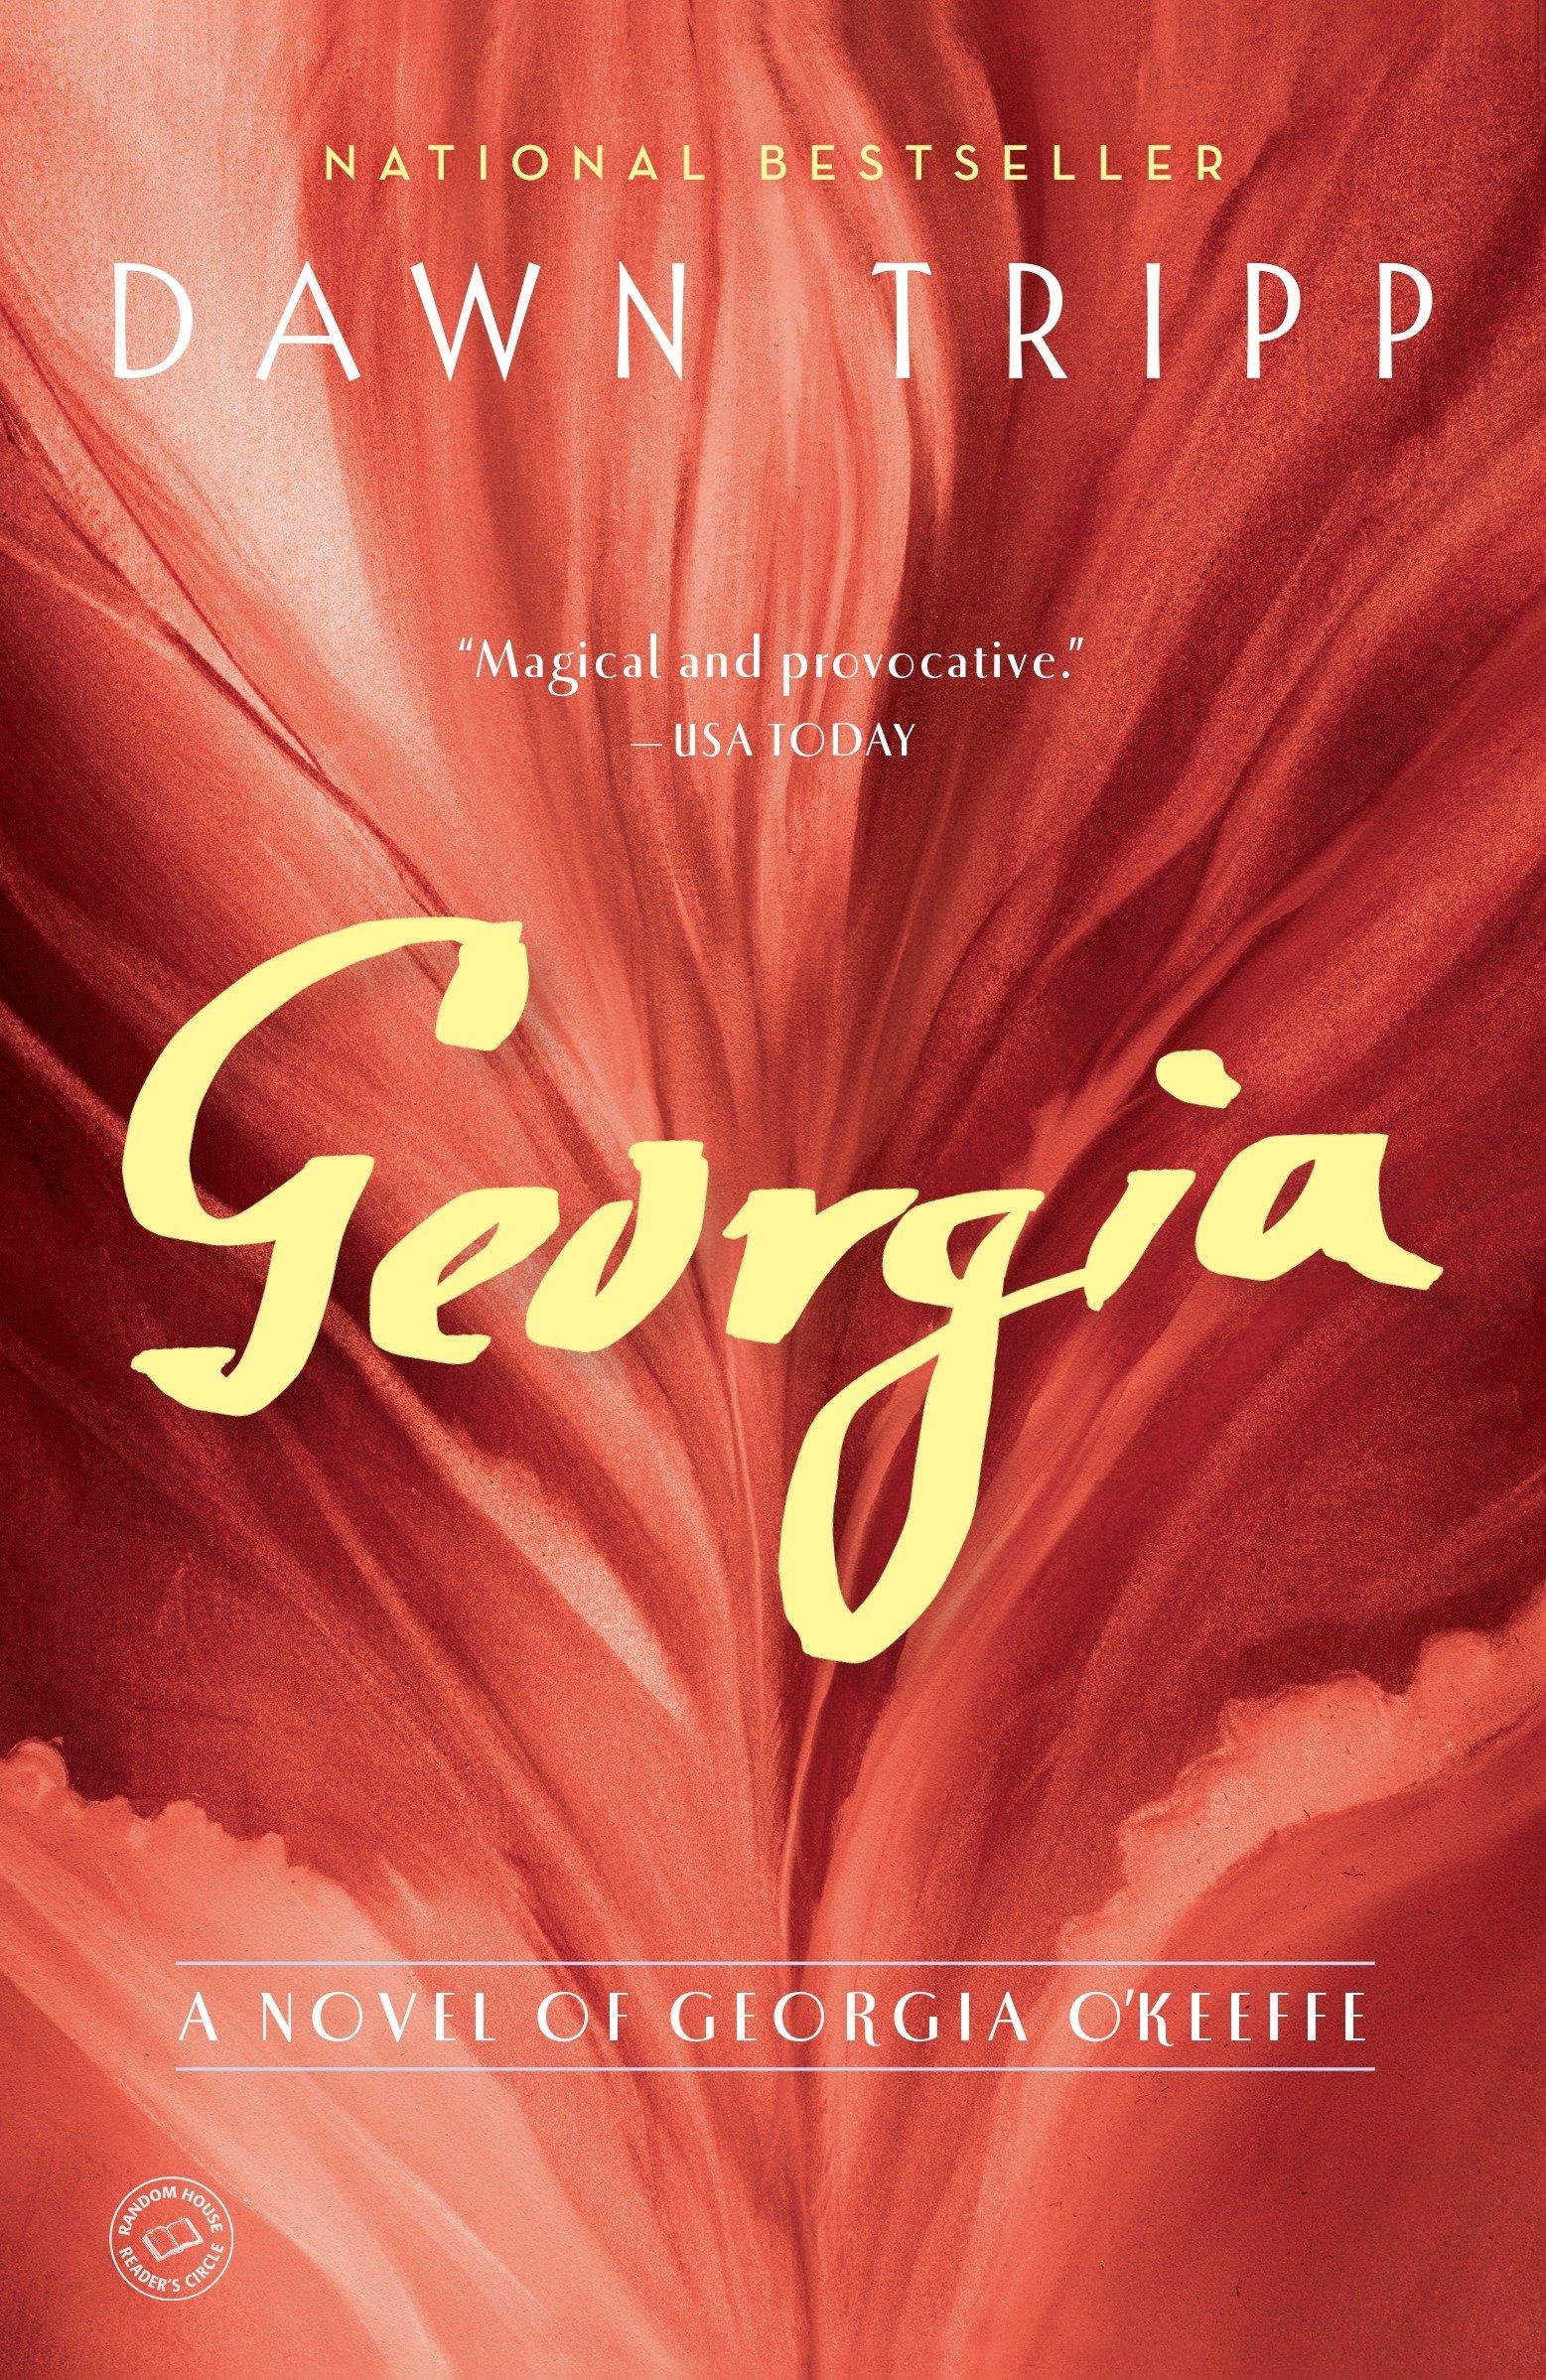 Georgia (Book) by Dawn Tripp